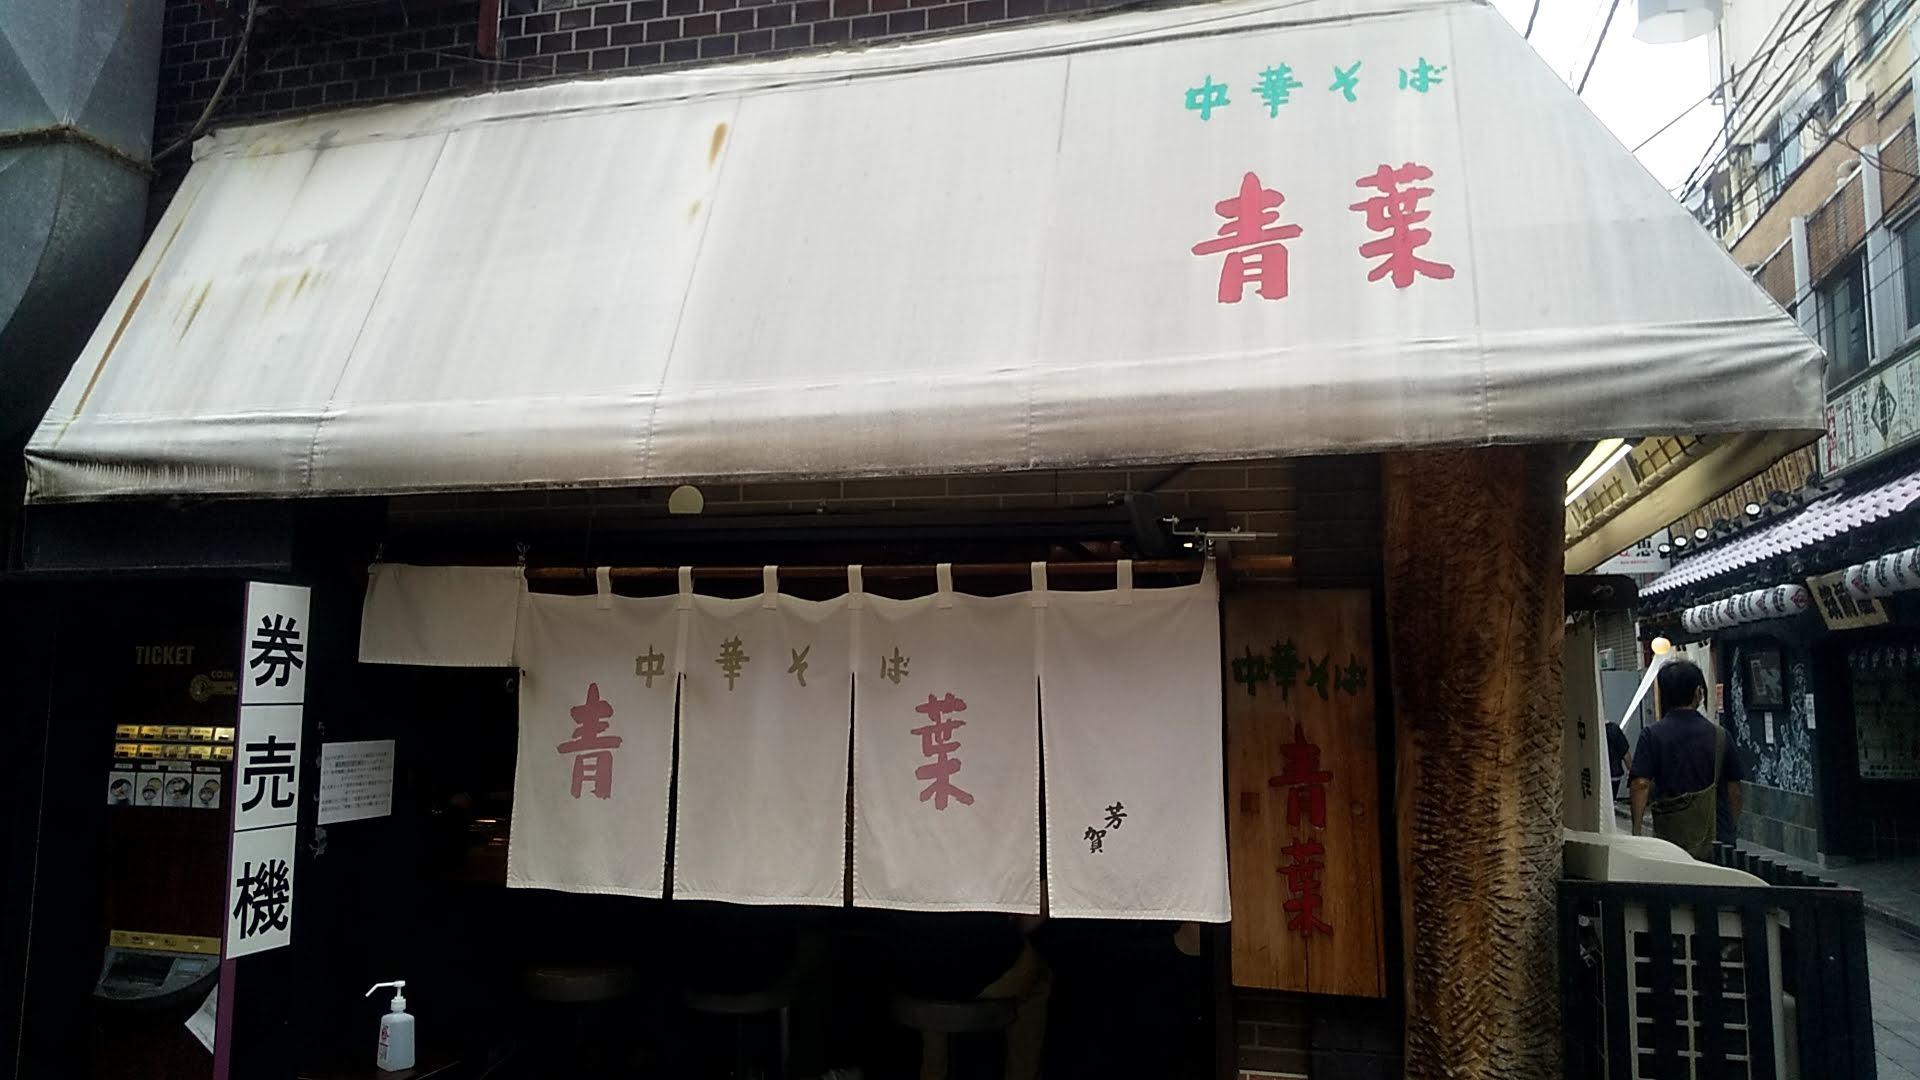 中華そば青葉本店の外観の写真